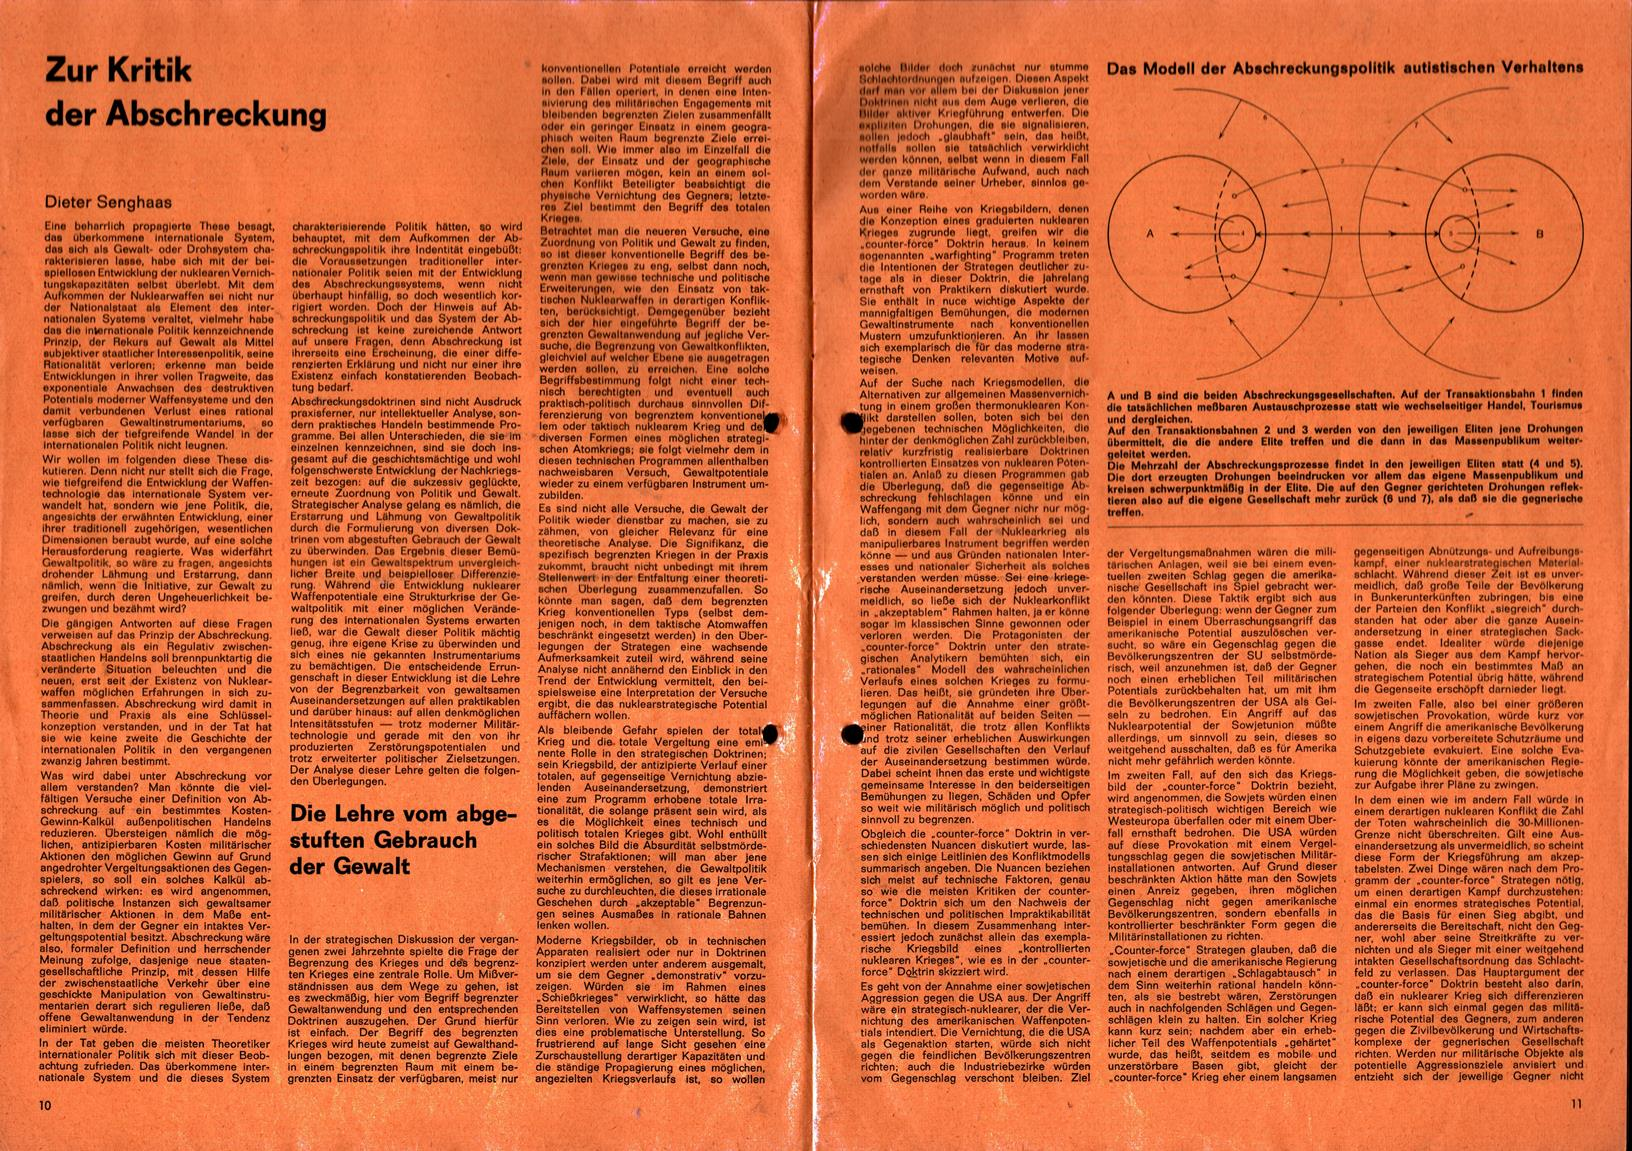 Infos_zur_Abruestung_1969_069_070_071_006